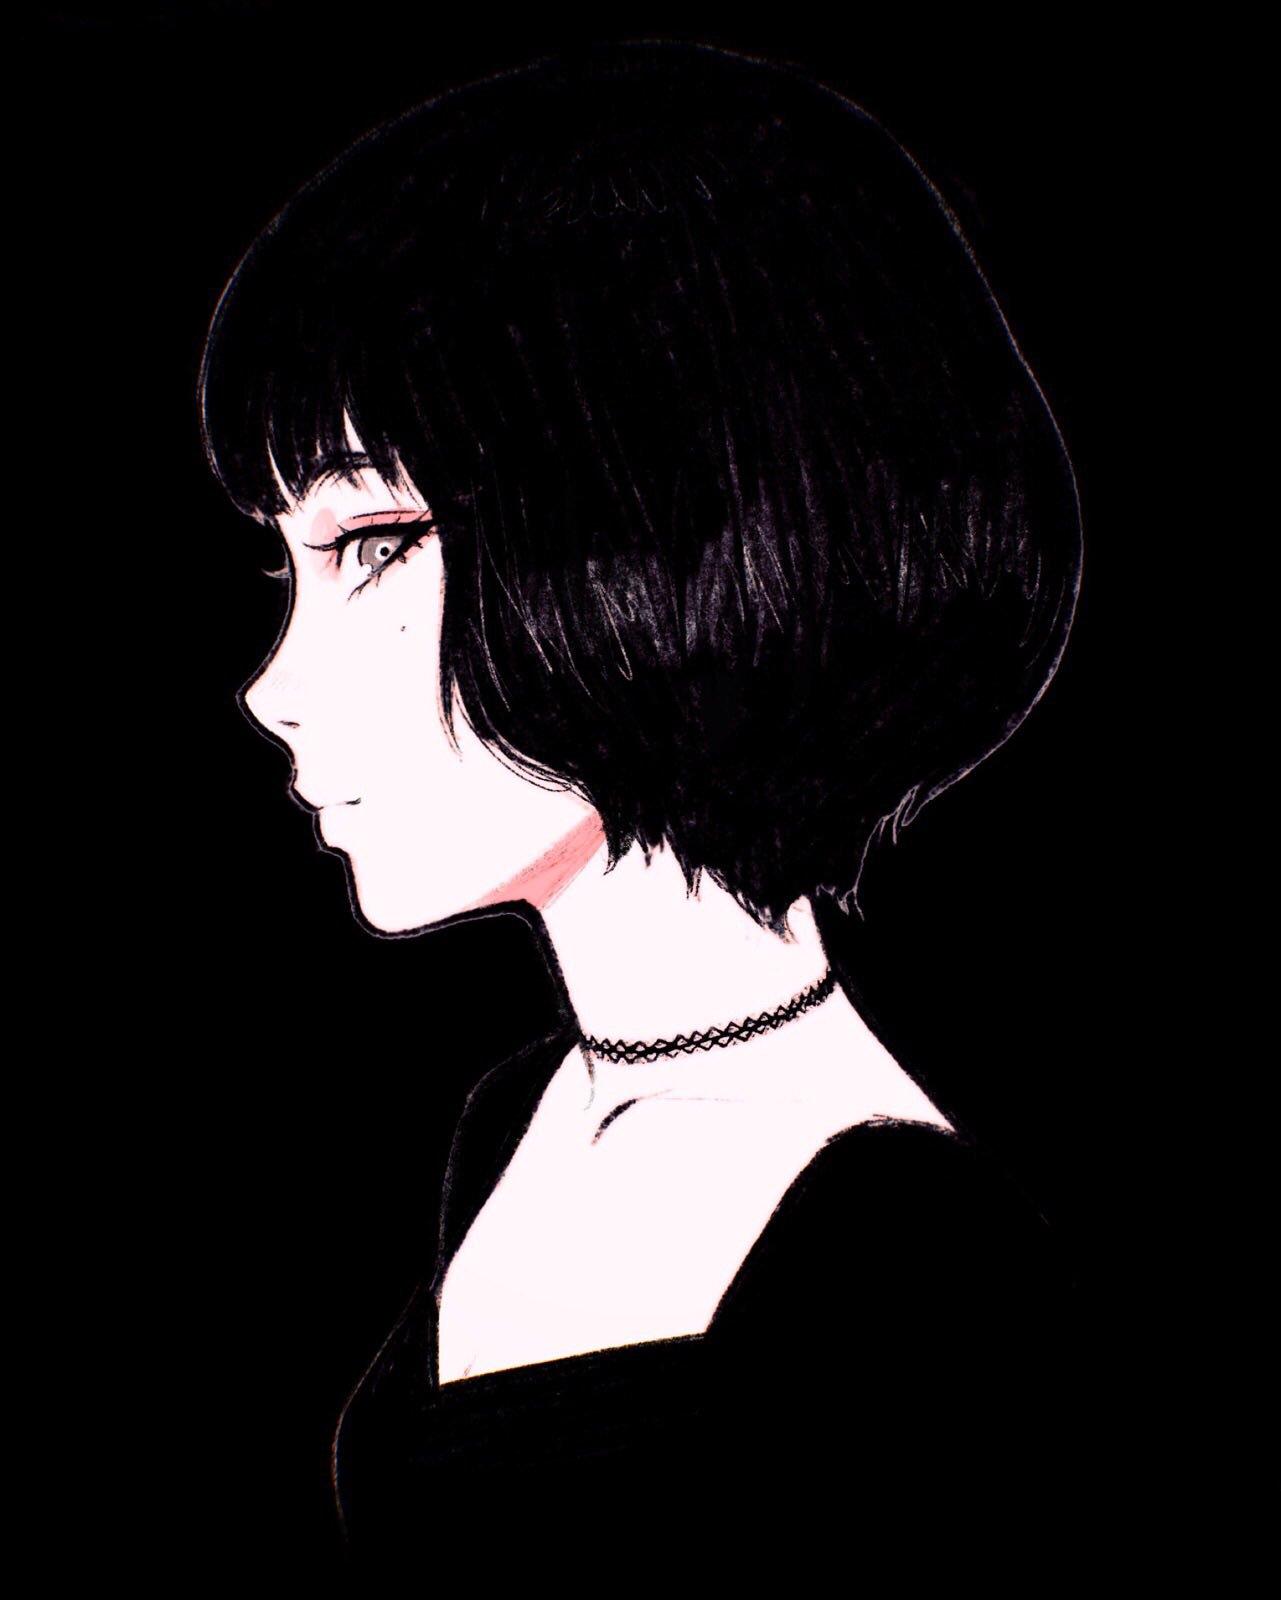 Фото Портрет девушки в профиль, by Кувшинов Илья